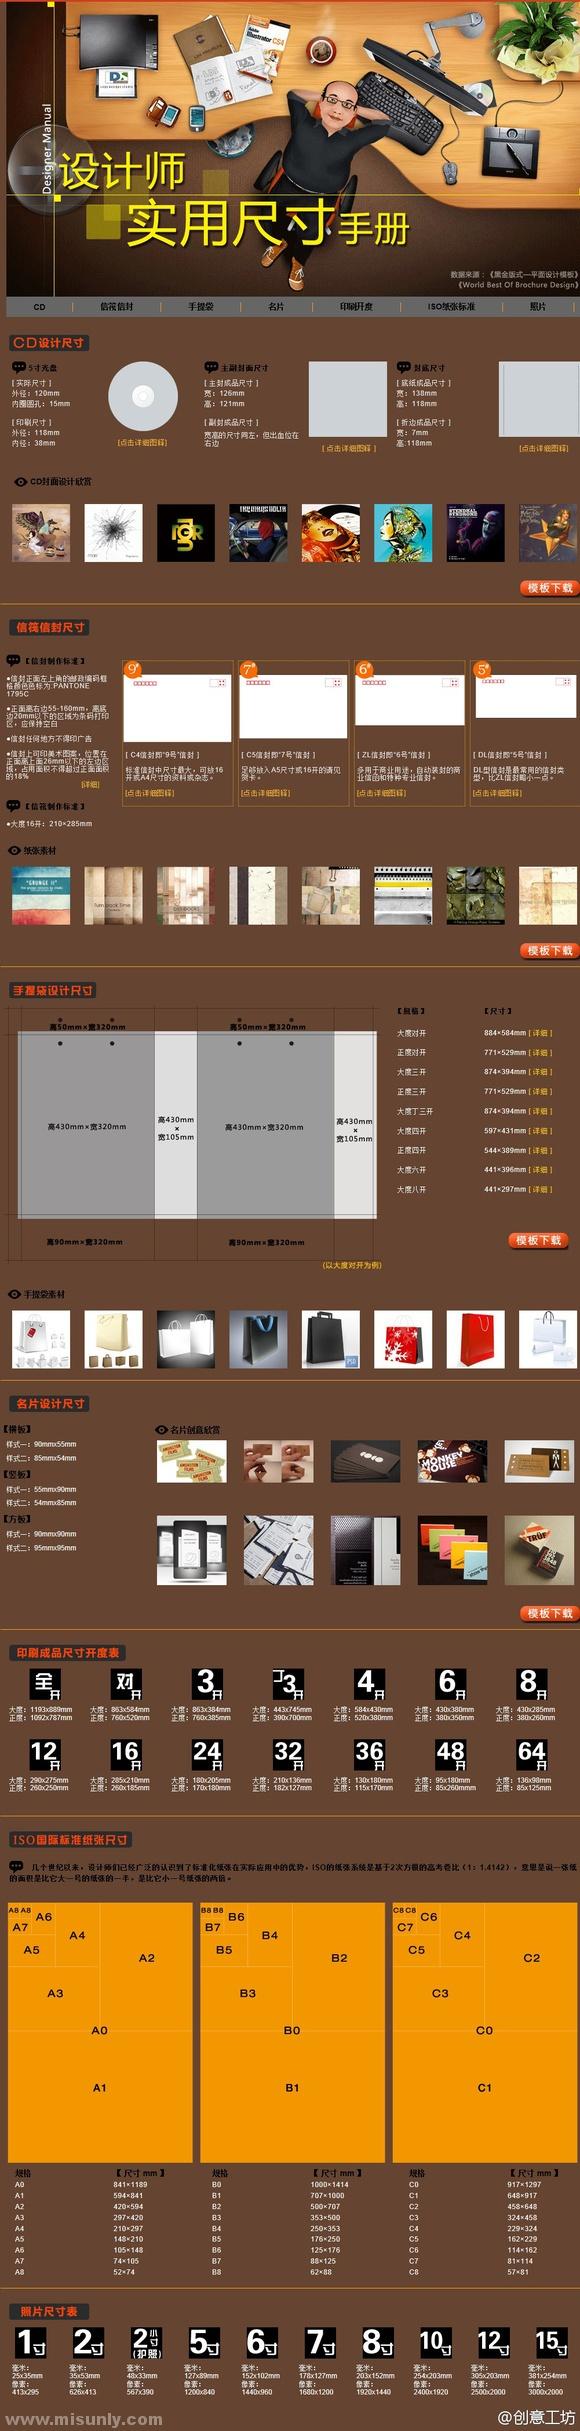 设计师实用手册